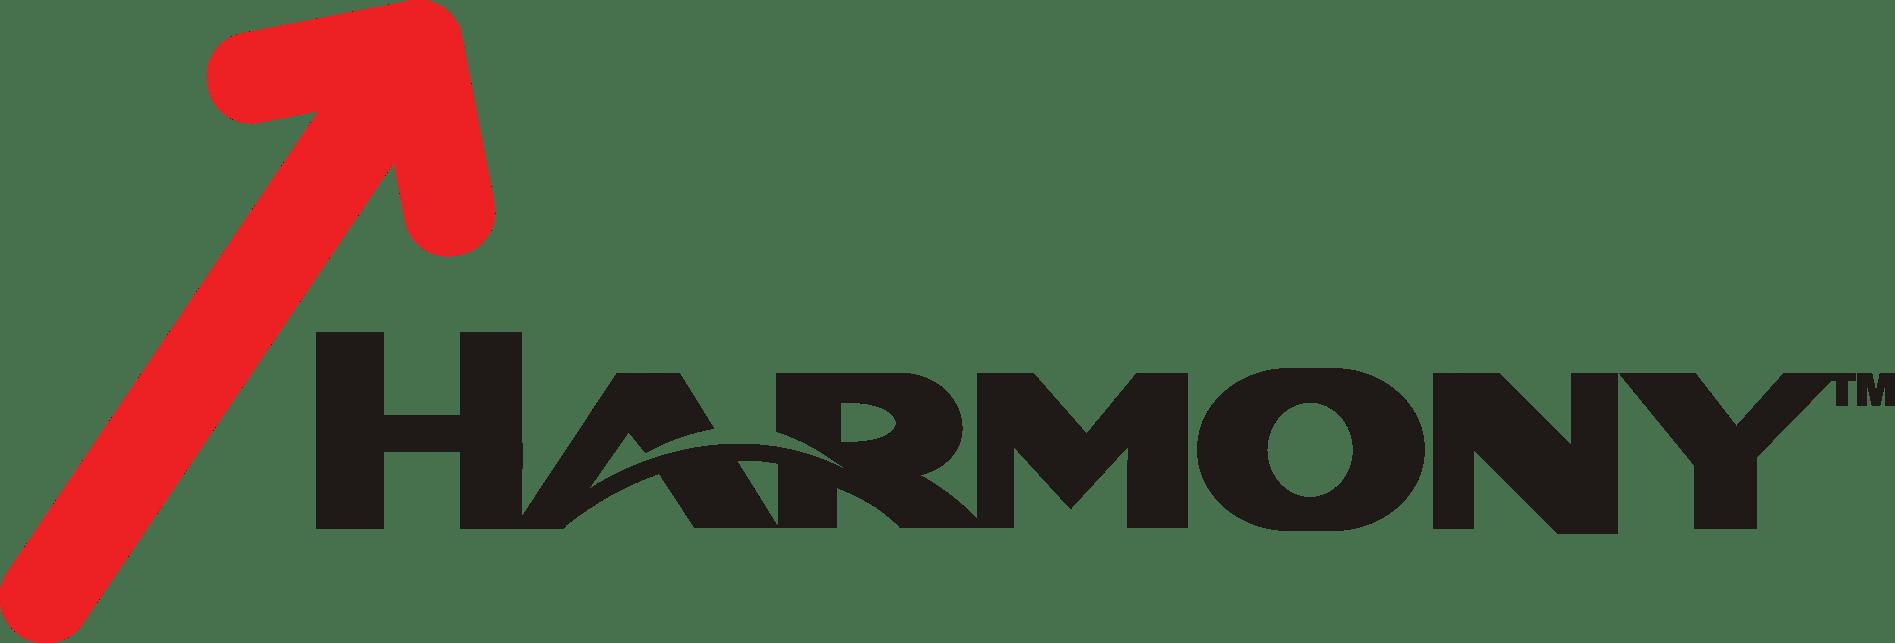 Harmony Gold Mining Logo 2 By Jason.